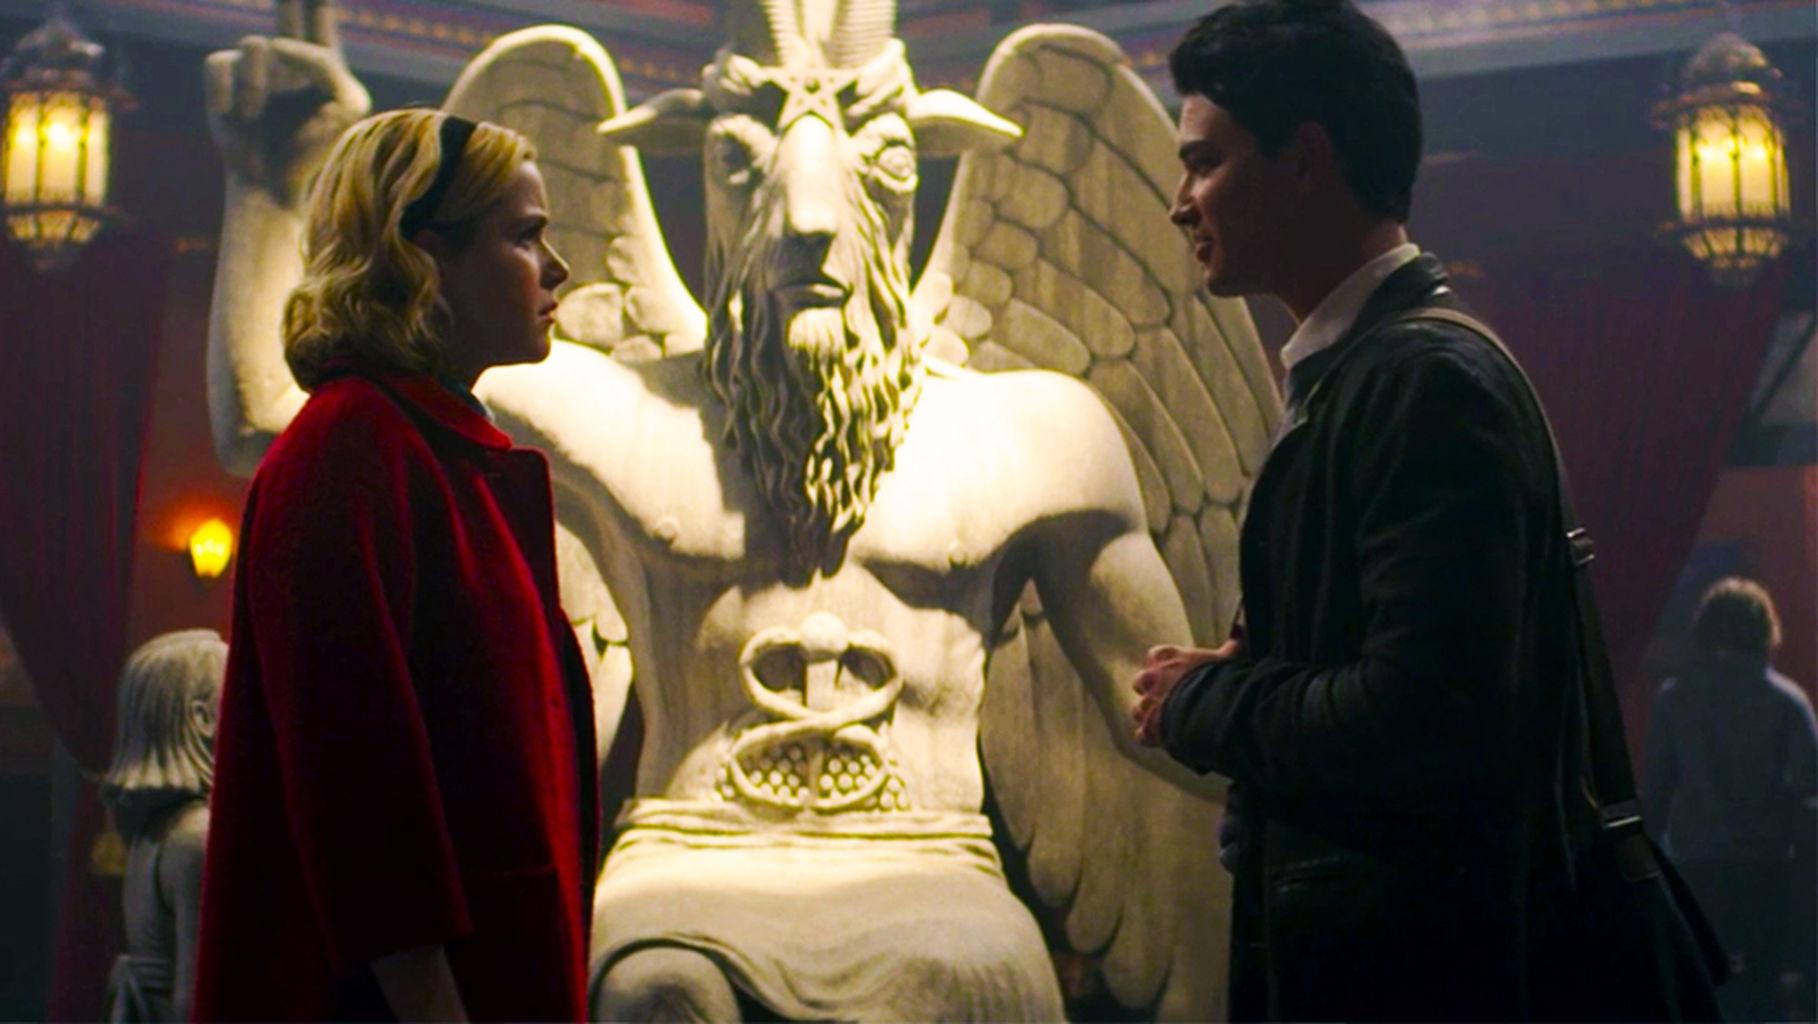 Le terrificanti avventure di Sabrina: una scena con la statua di Baphomet